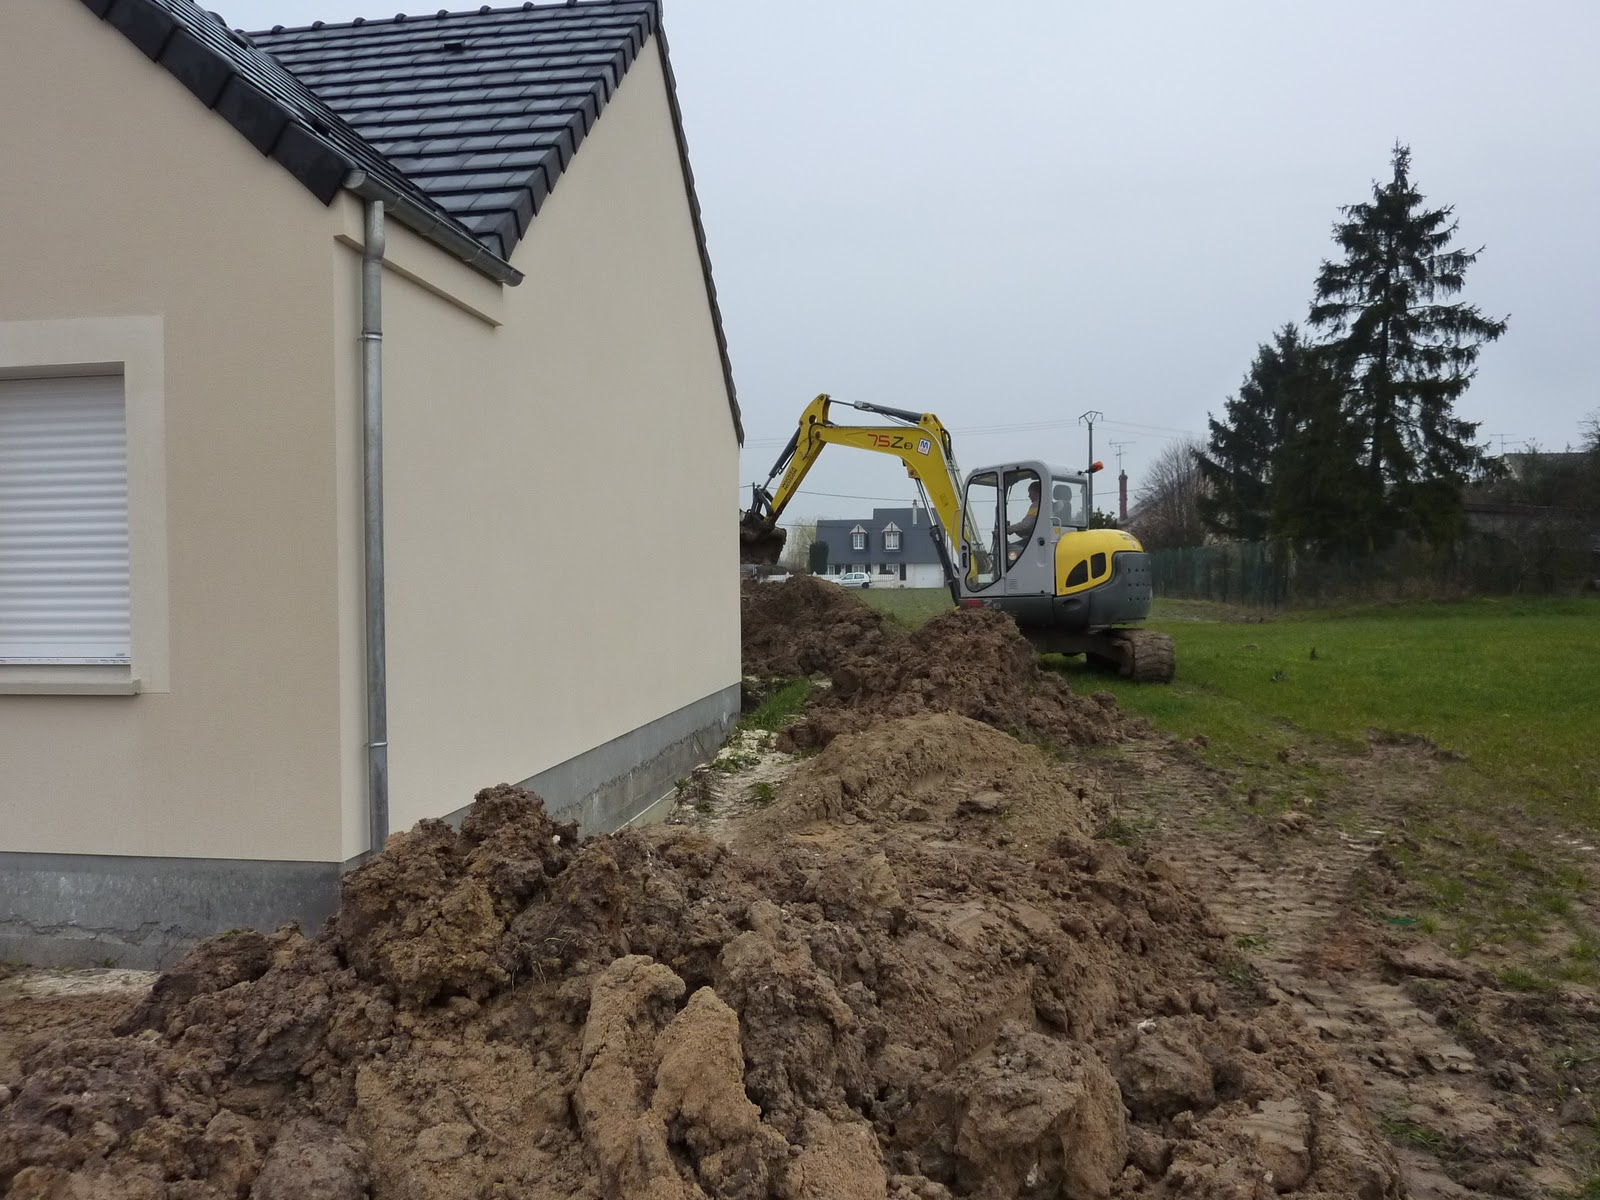 La construction de lac remblai autour de la maison for Autour de la maison rose